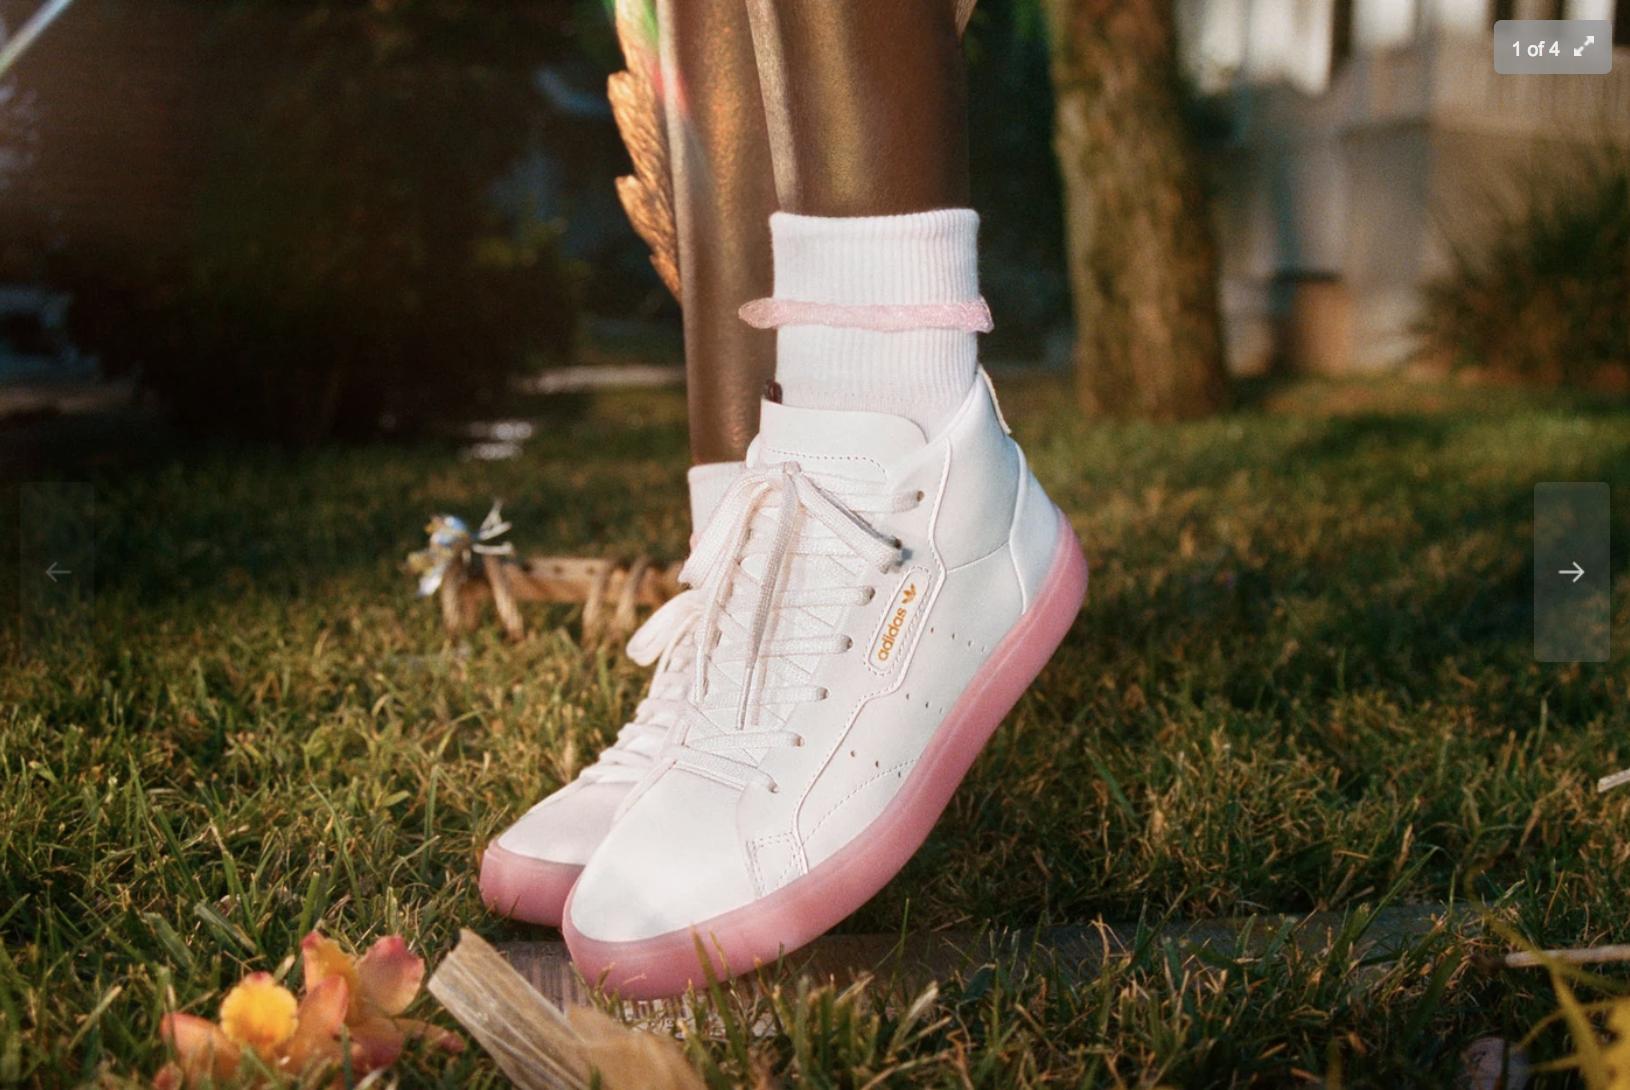 adidas Sleek đôi giày danh cho quý cô thích đơn giản nhưng vẫn nổi bật